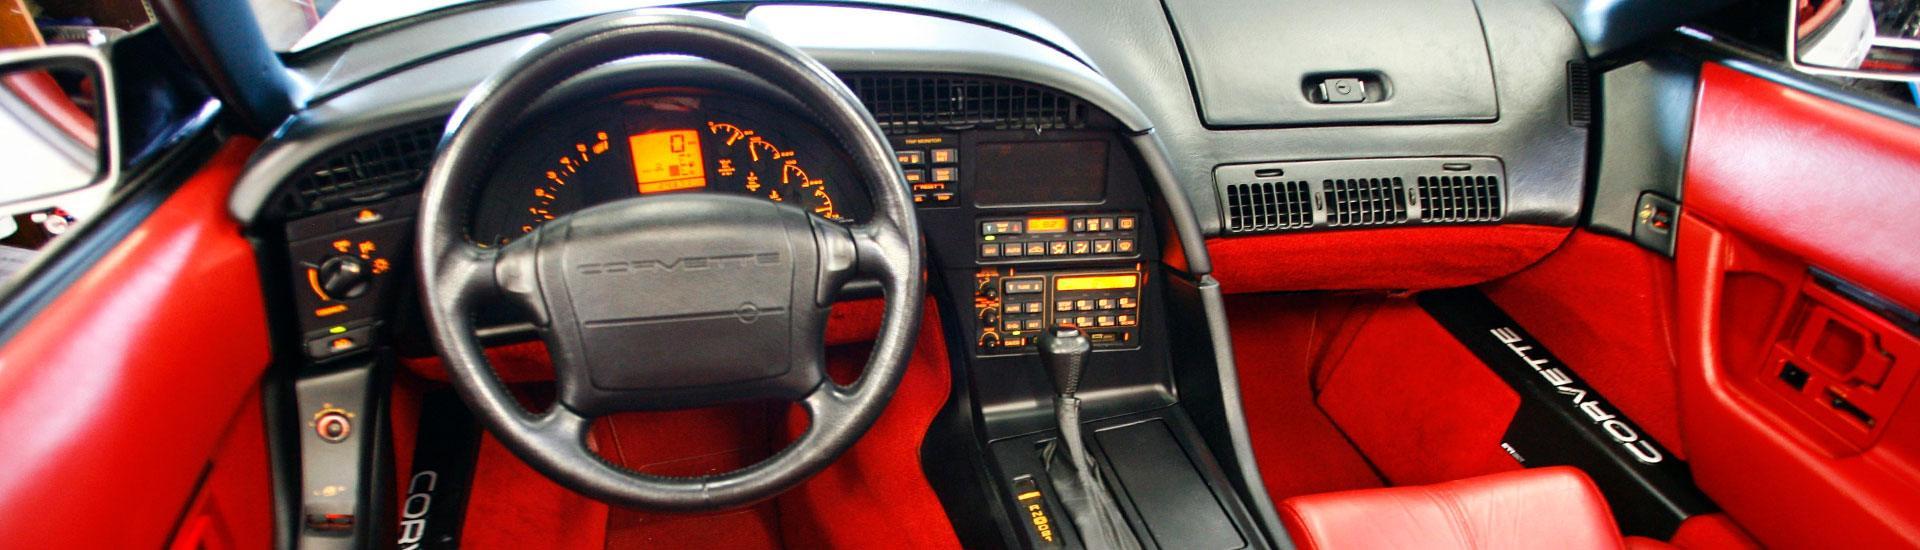 1995 Chevrolet Corvette Custom Dash Kits